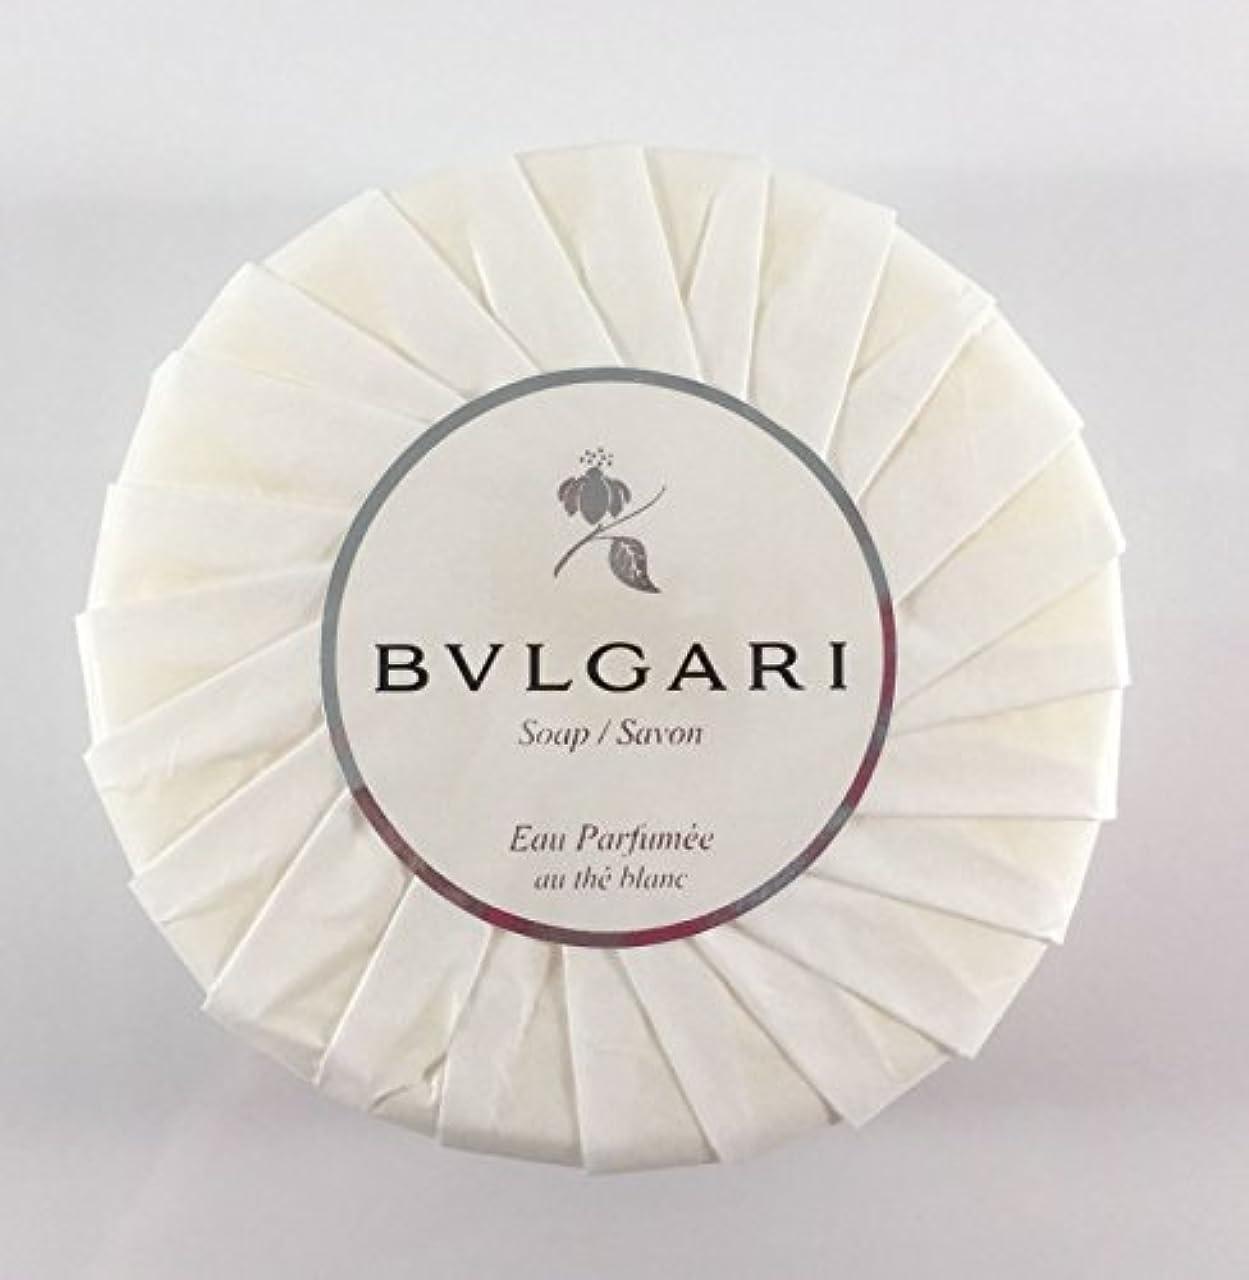 有益分類する過度のブルガリ オ?パフメ オーテブラン デラックスソープ150g BVLGARI Bvlgari Eau Parfumee au the blanc White Soap